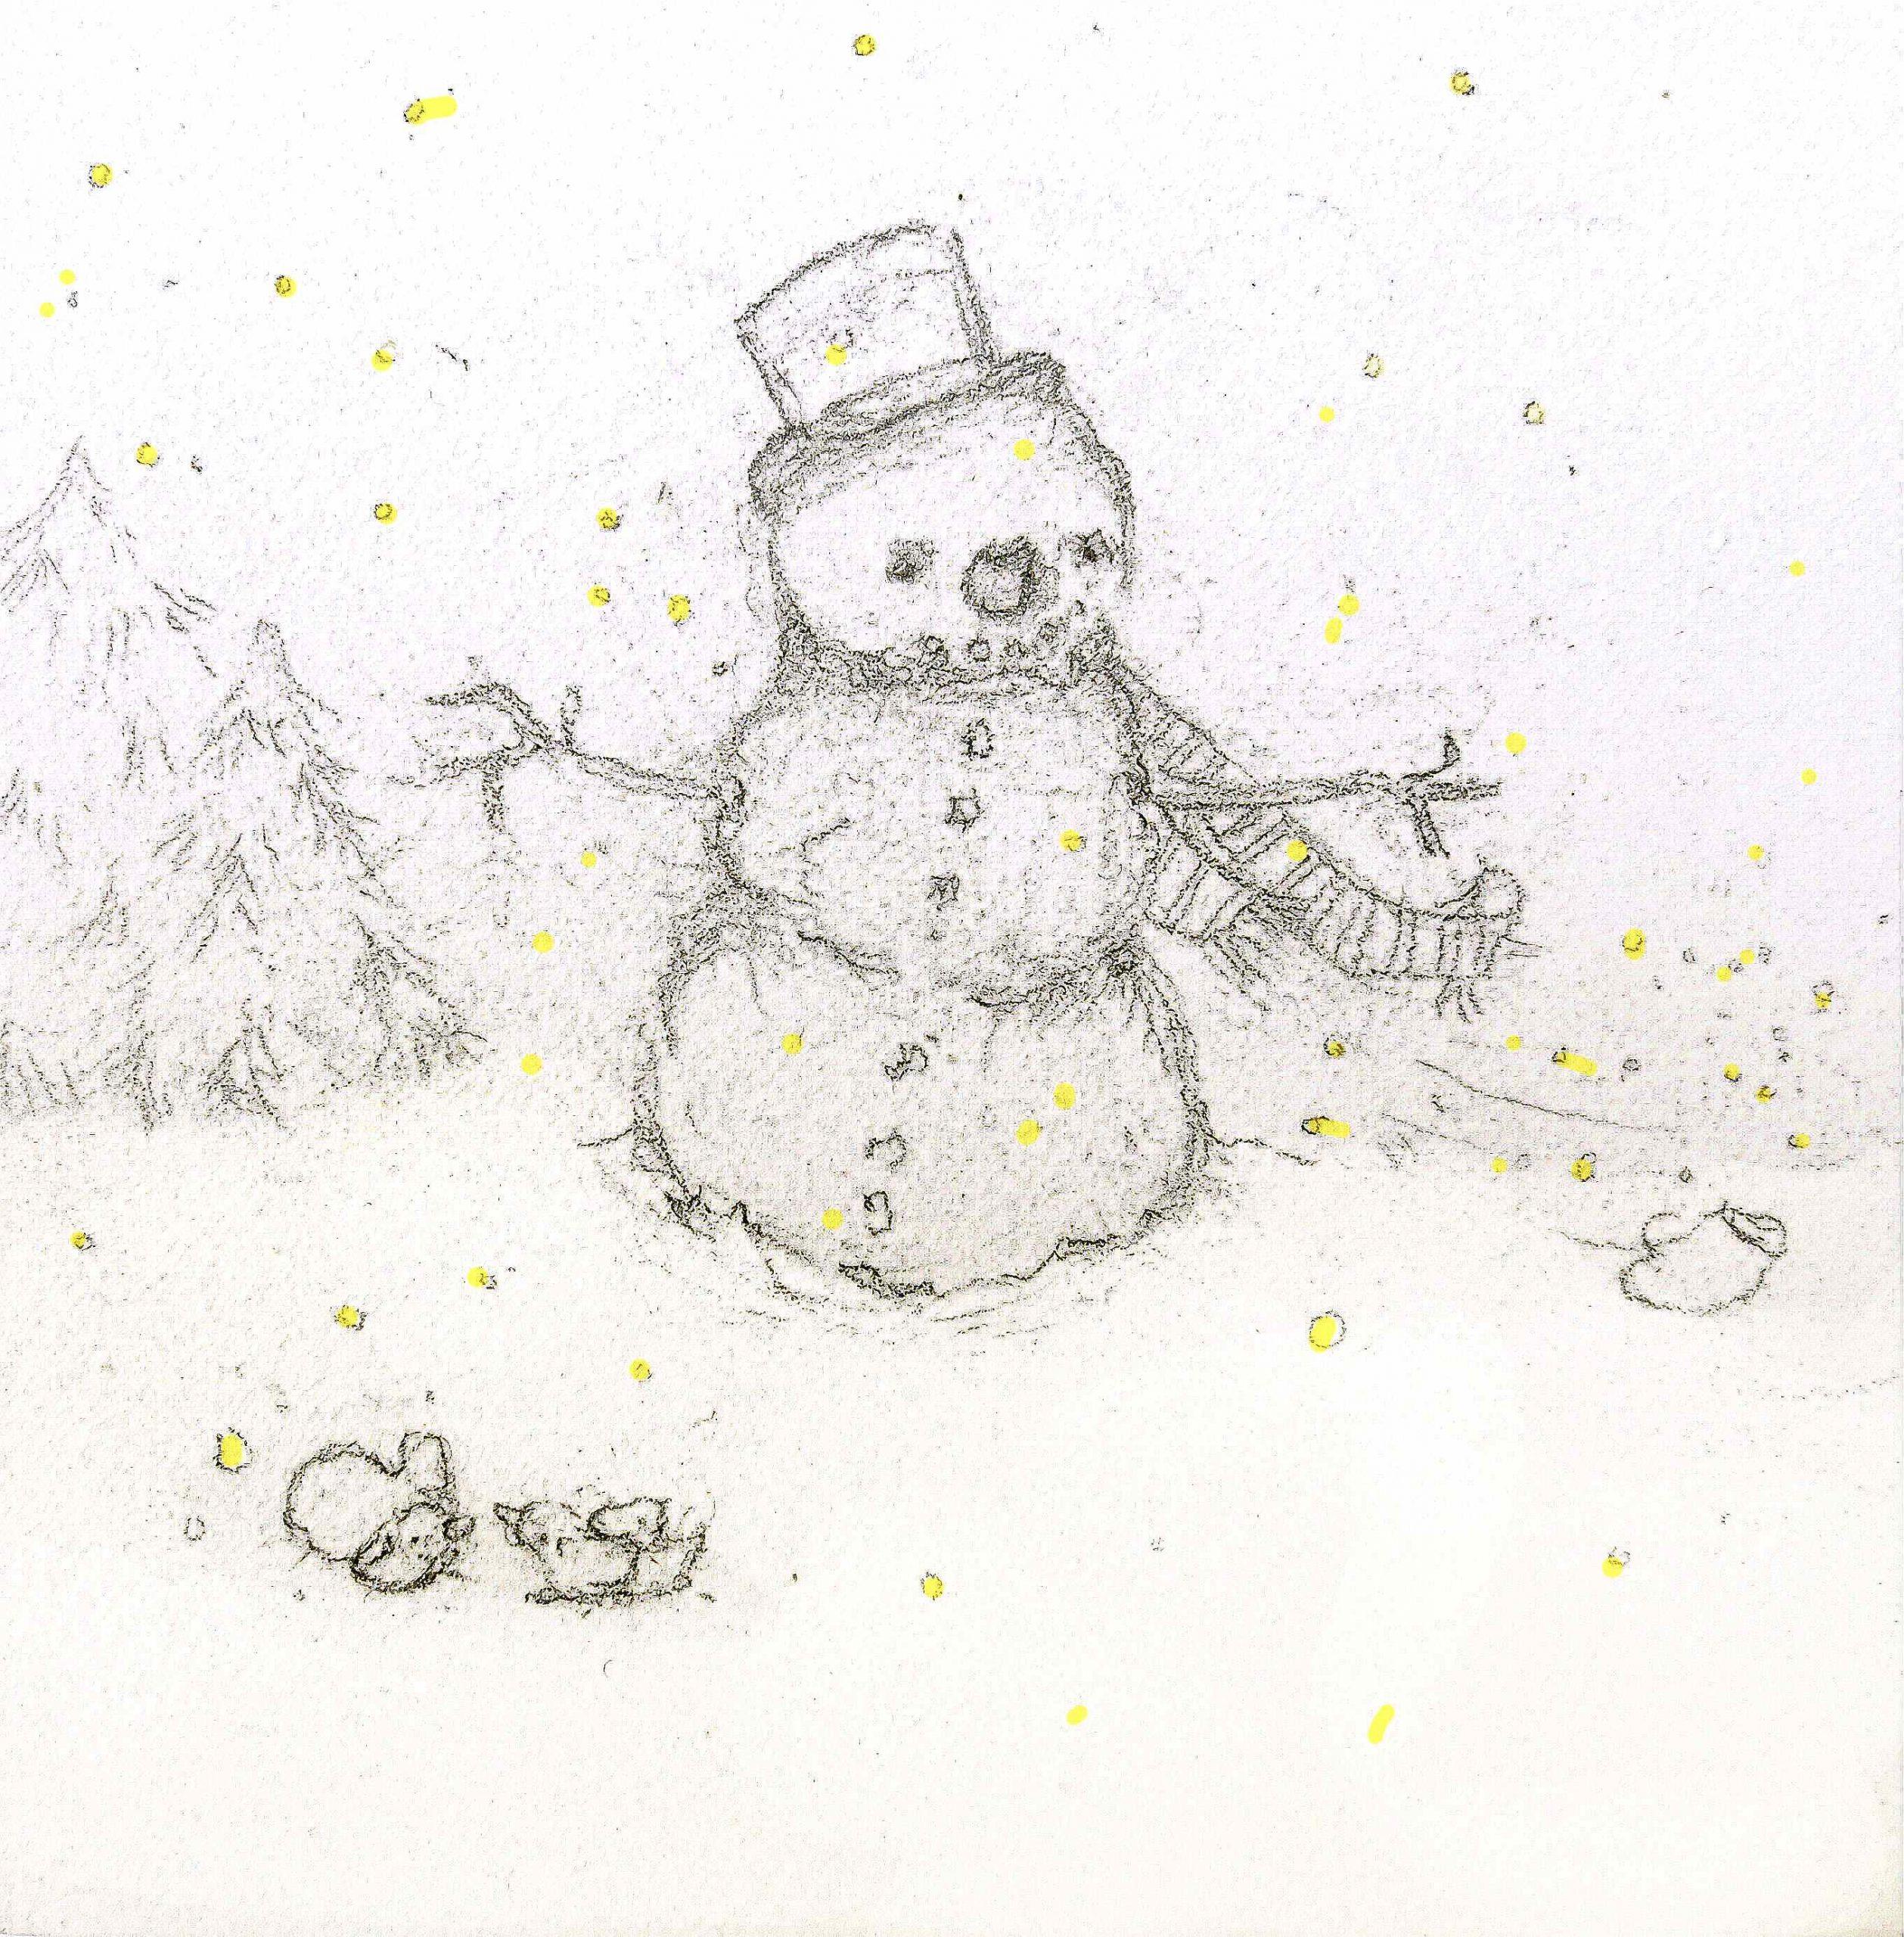 watercolor snowman sketch